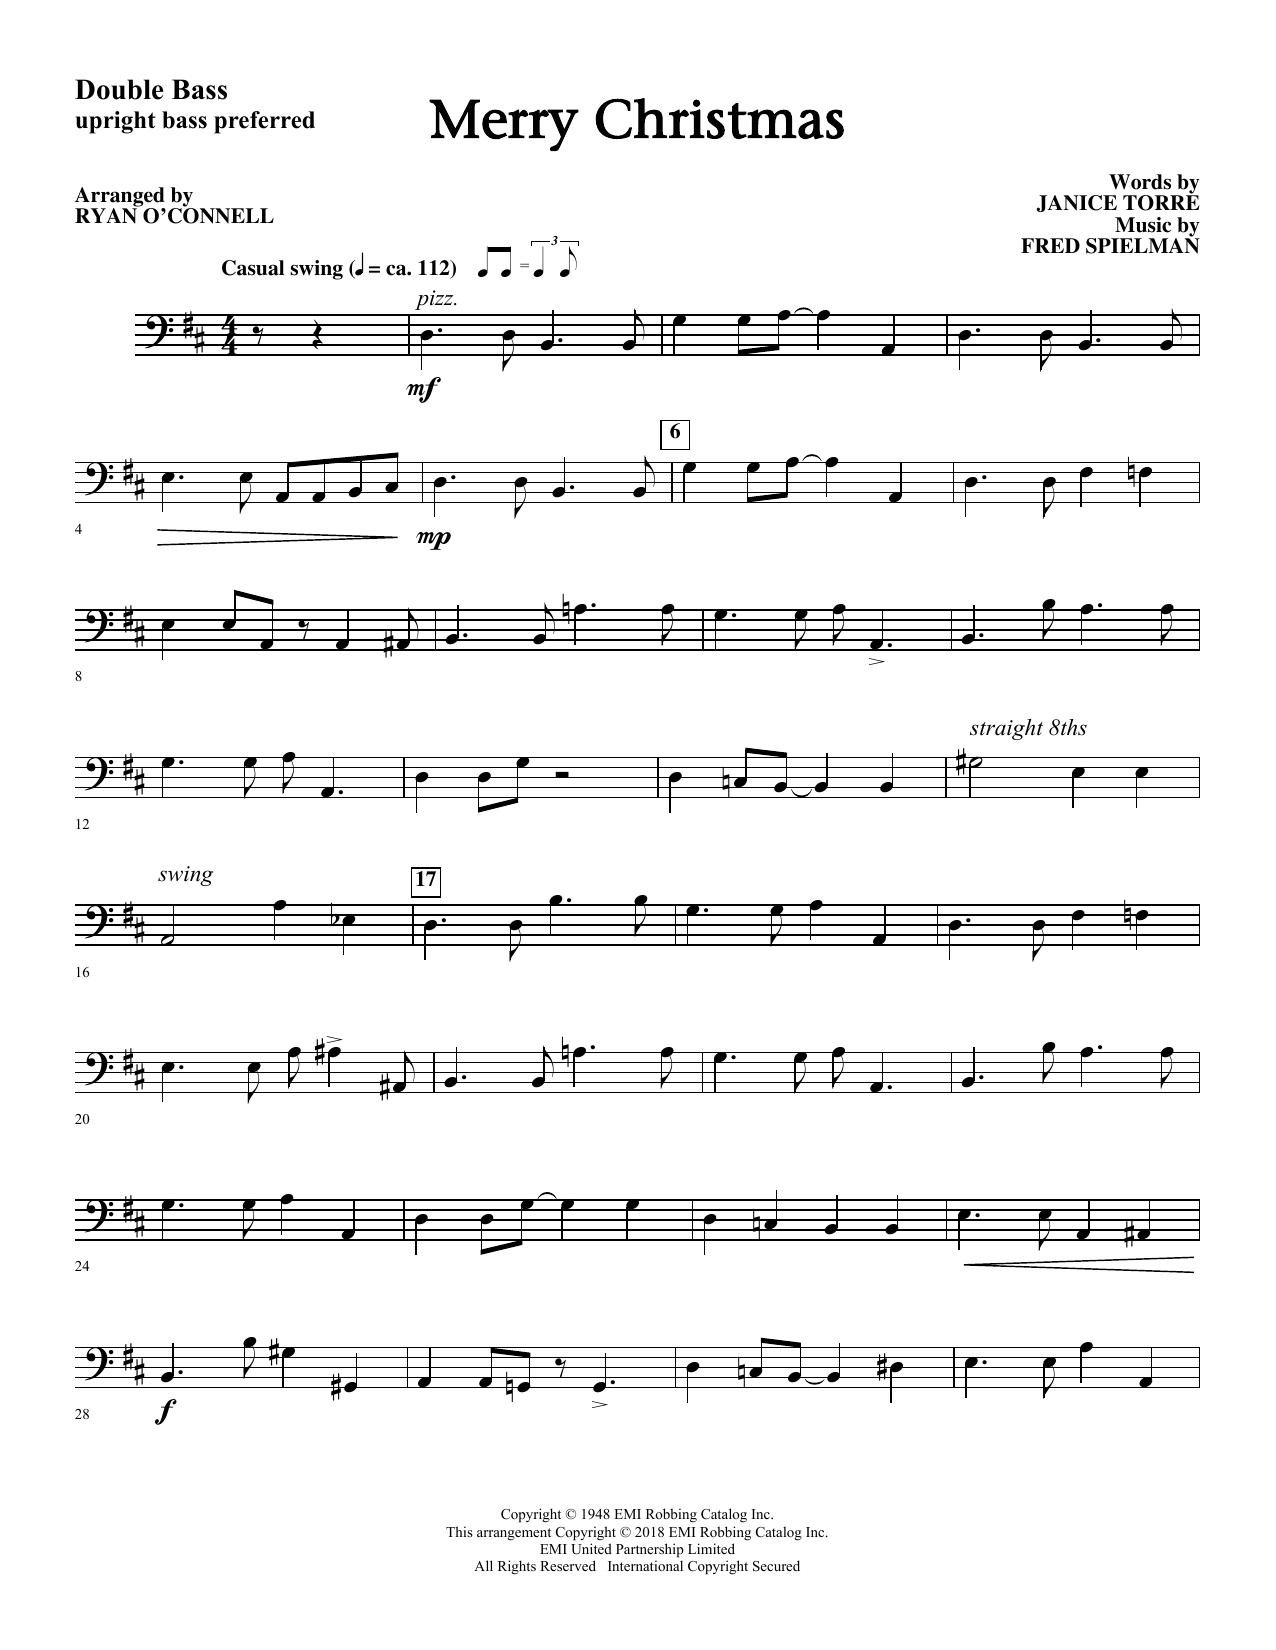 Merry Christmas (arr. Ryan O'Connell) - Bass Sheet Music